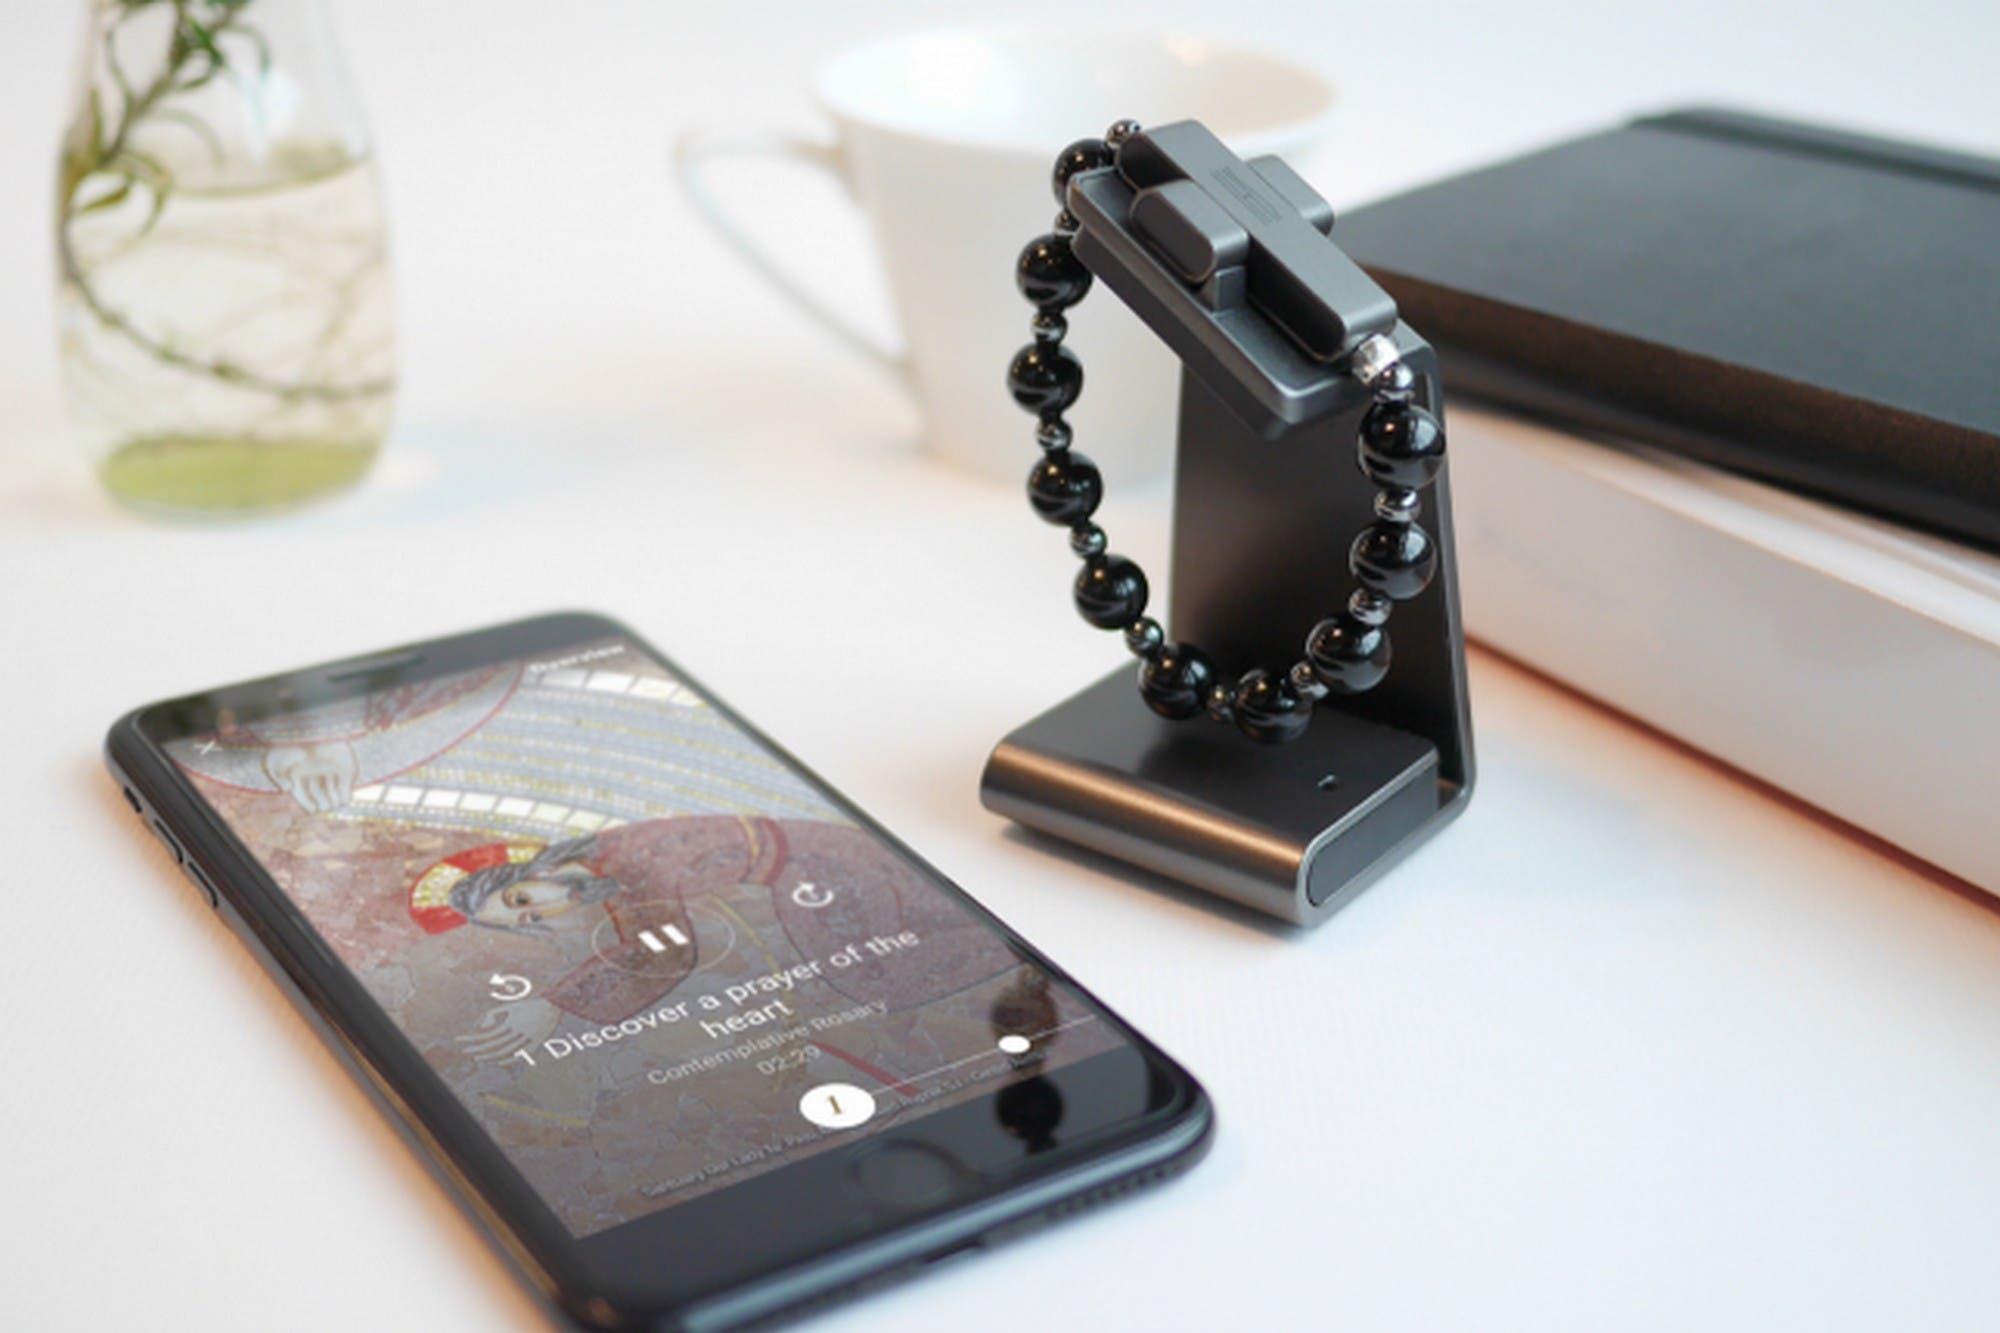 Click To Pray eRosary: el Vaticano presentó un rosario inteligente que funciona con un celular